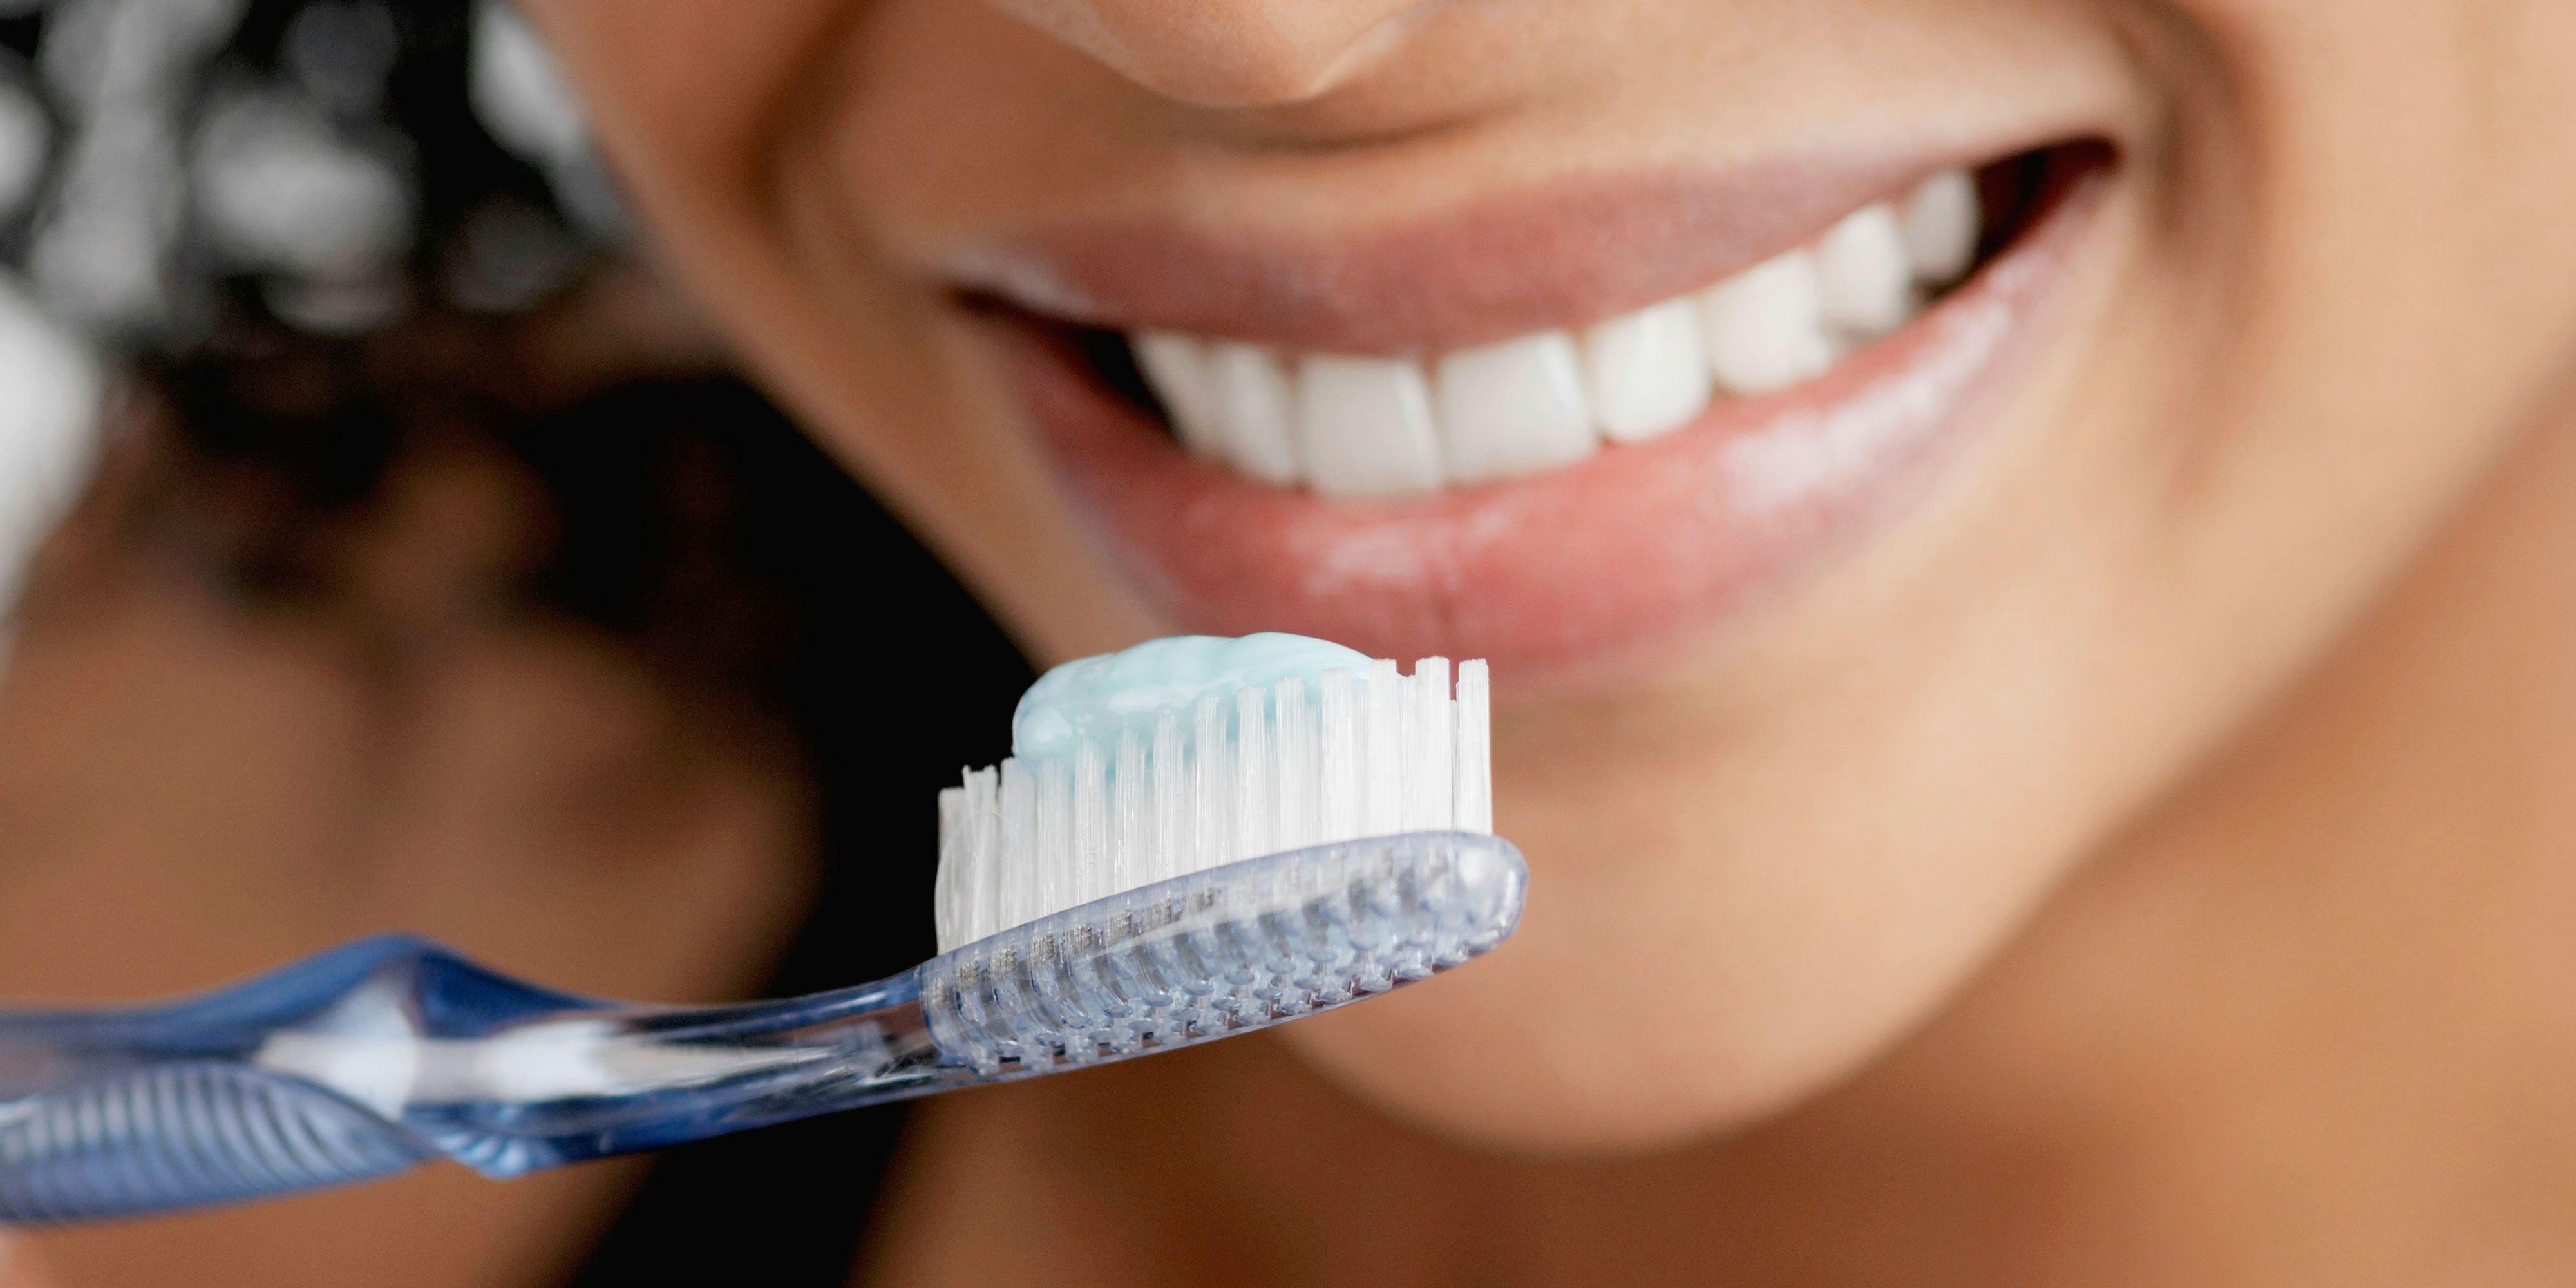 1487324281 brushing teeth jpg